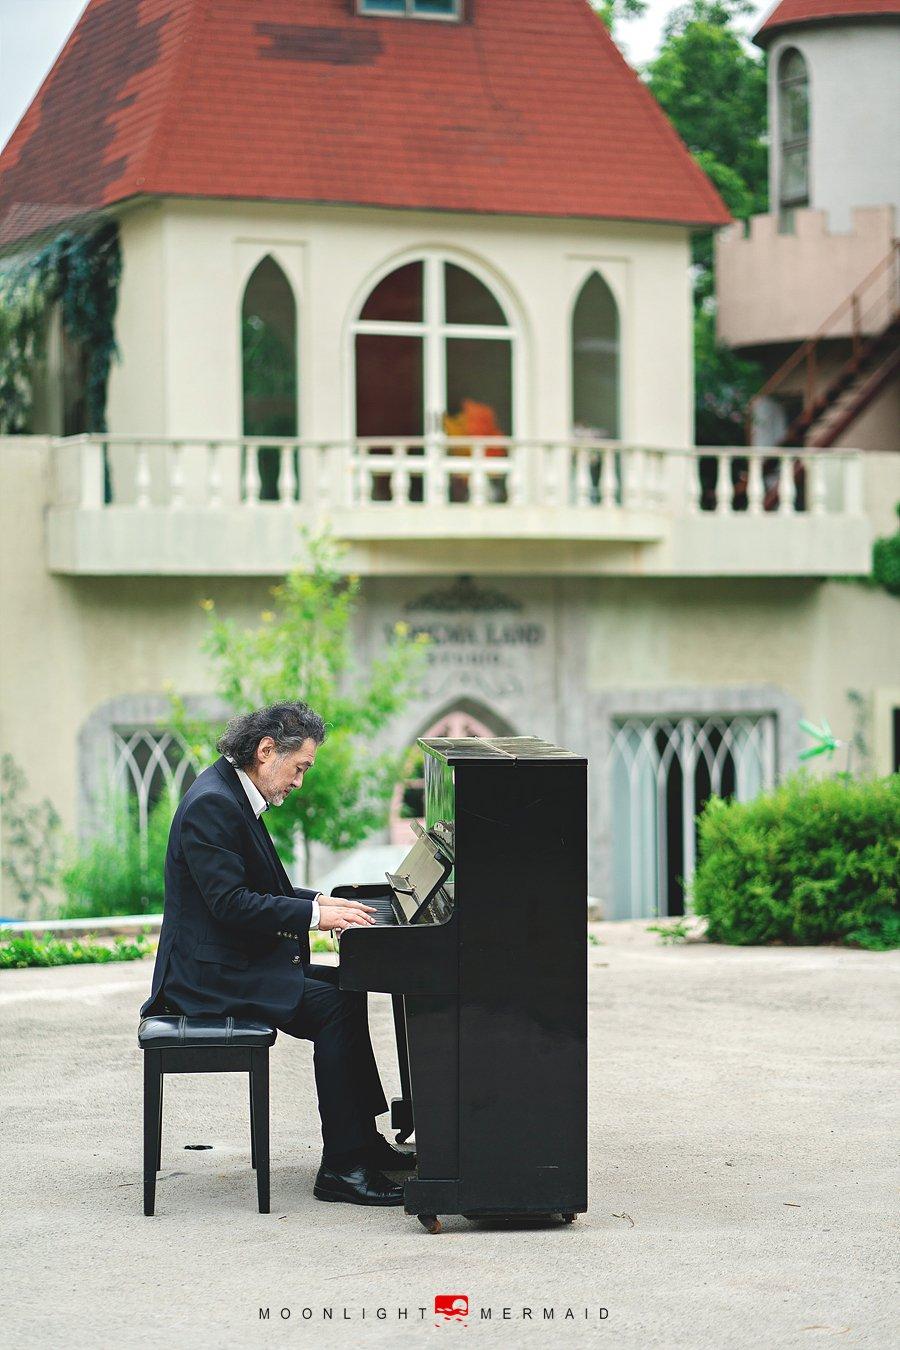 #piano #man #outdoor #gentleman #oldman , moonlight_mermaid